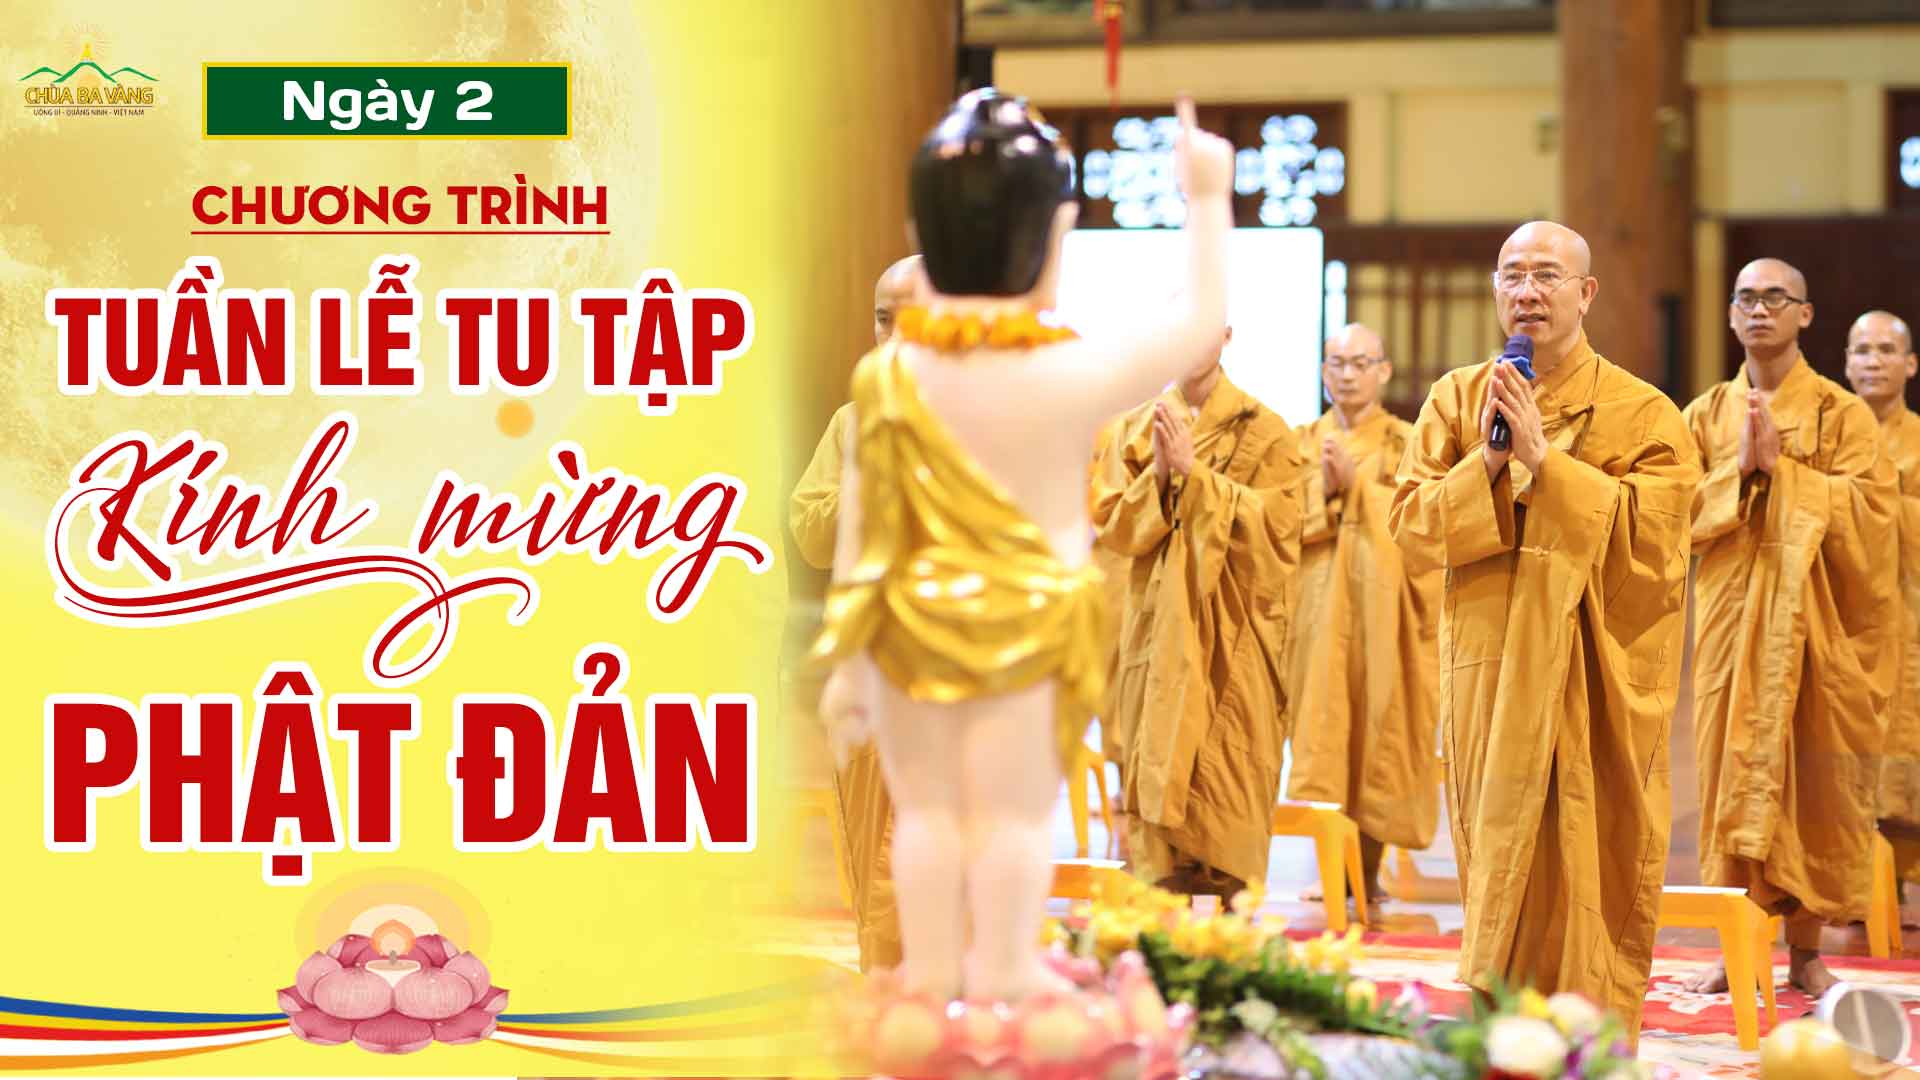 [Ngày 2] Chương trình tuần lễ tu tập kính mừng Phật đản